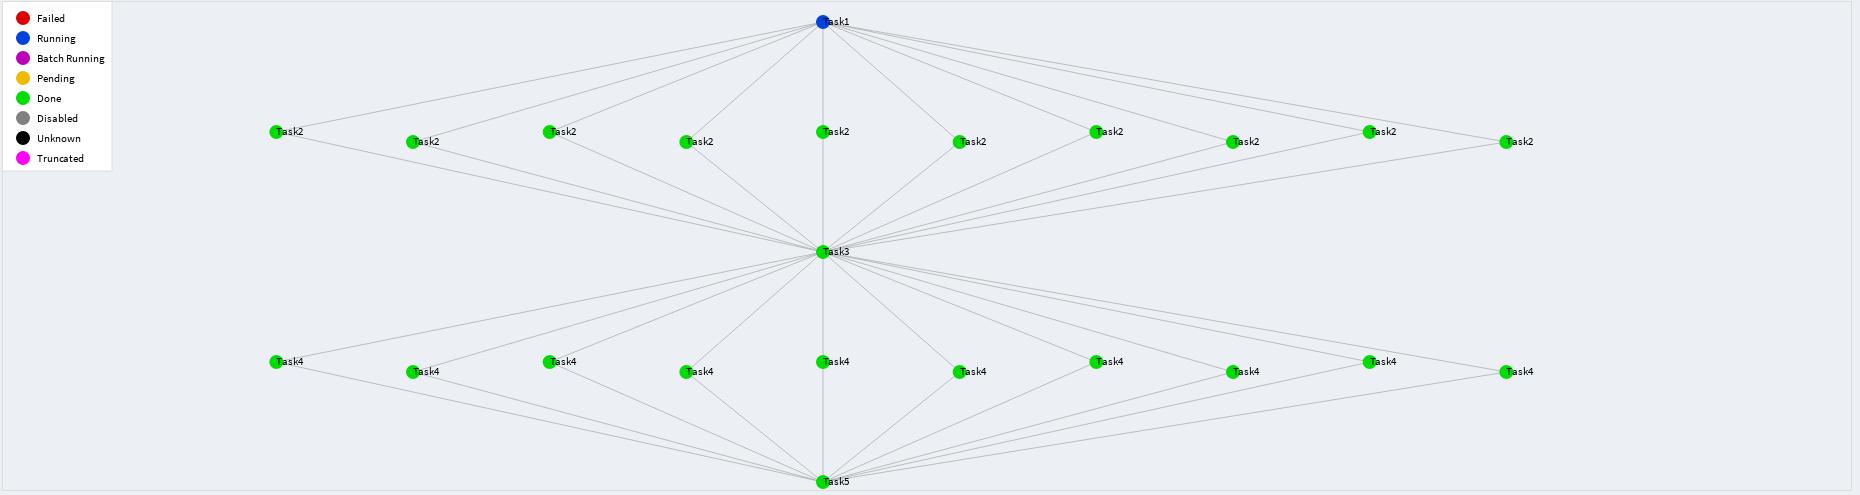 Обзор фреймворка Luigi для построения последовательностей выполнения задач - 10